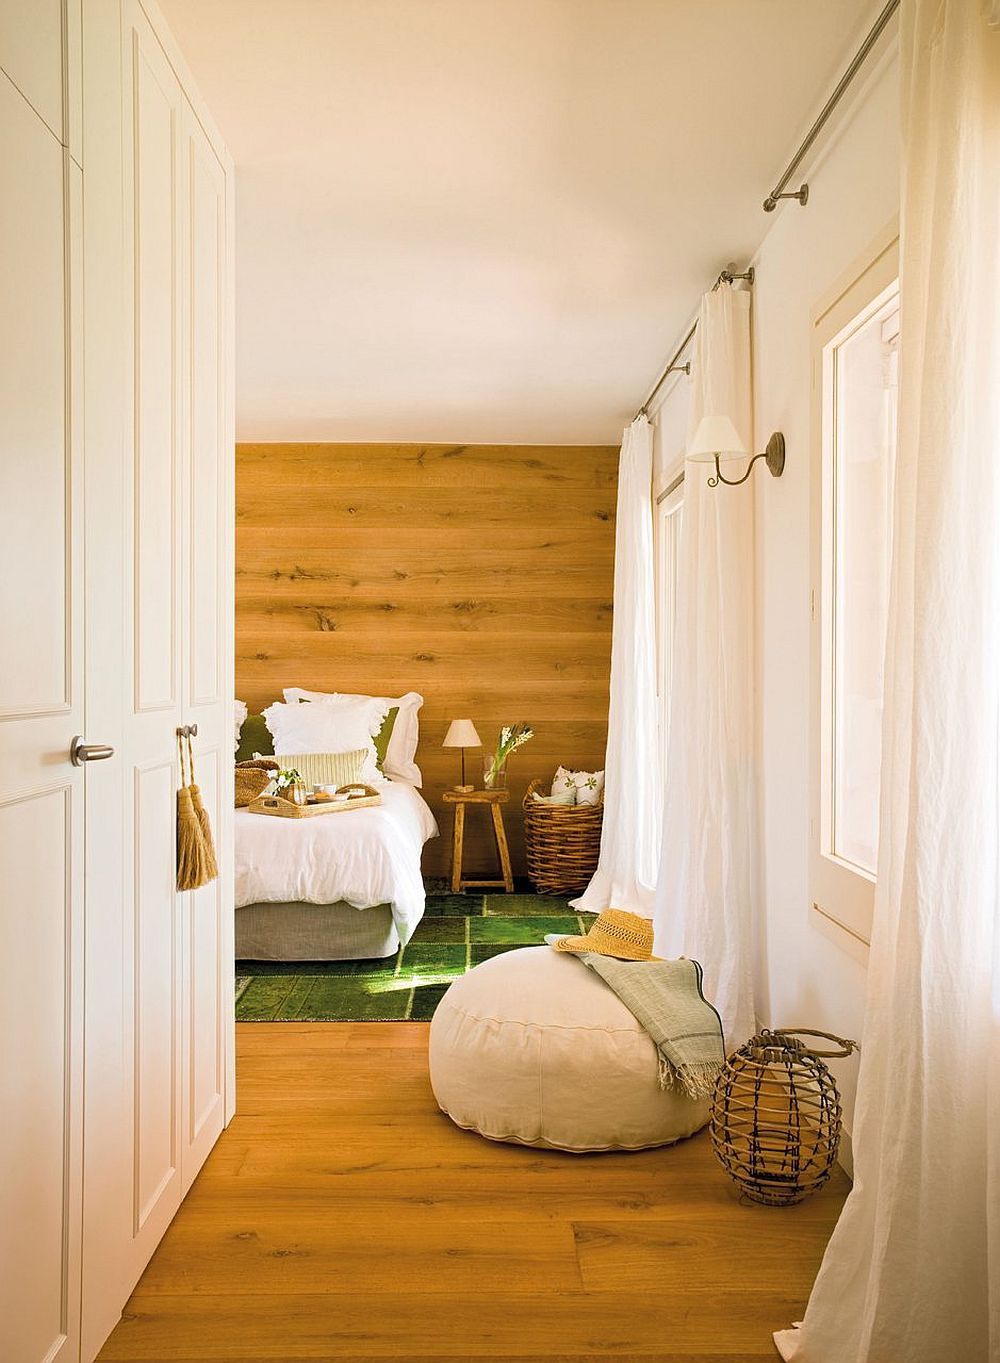 Dormitorul matrimonial este simplu, dar relaxant prin prezența din plin a textuilor din lemn. Aici pardoseala pare să se continue pe suprafața peretelui ce marchează locul tăbliei patului. Dulapuri generoase sunt poziționate chiar la intrarea în cameră vizavi de ferestre ample ce inundă camera cu lumină naturală.